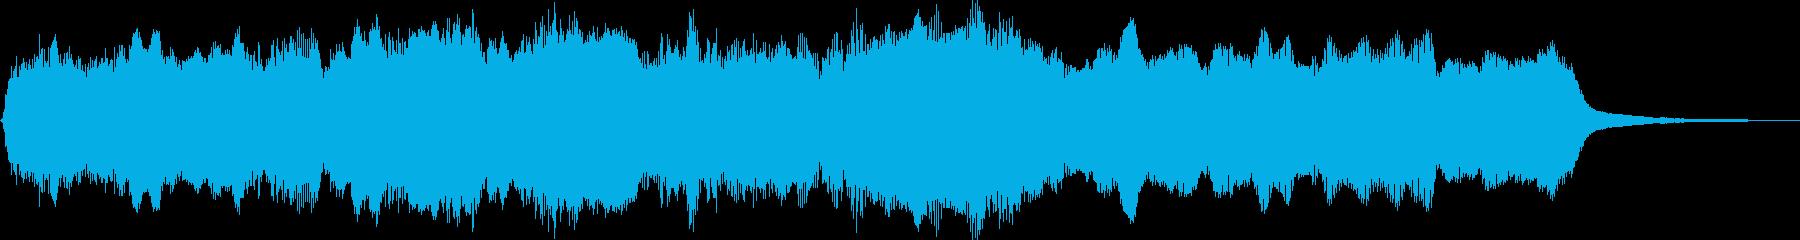 ゲームなどで味方が全滅した時の音の再生済みの波形